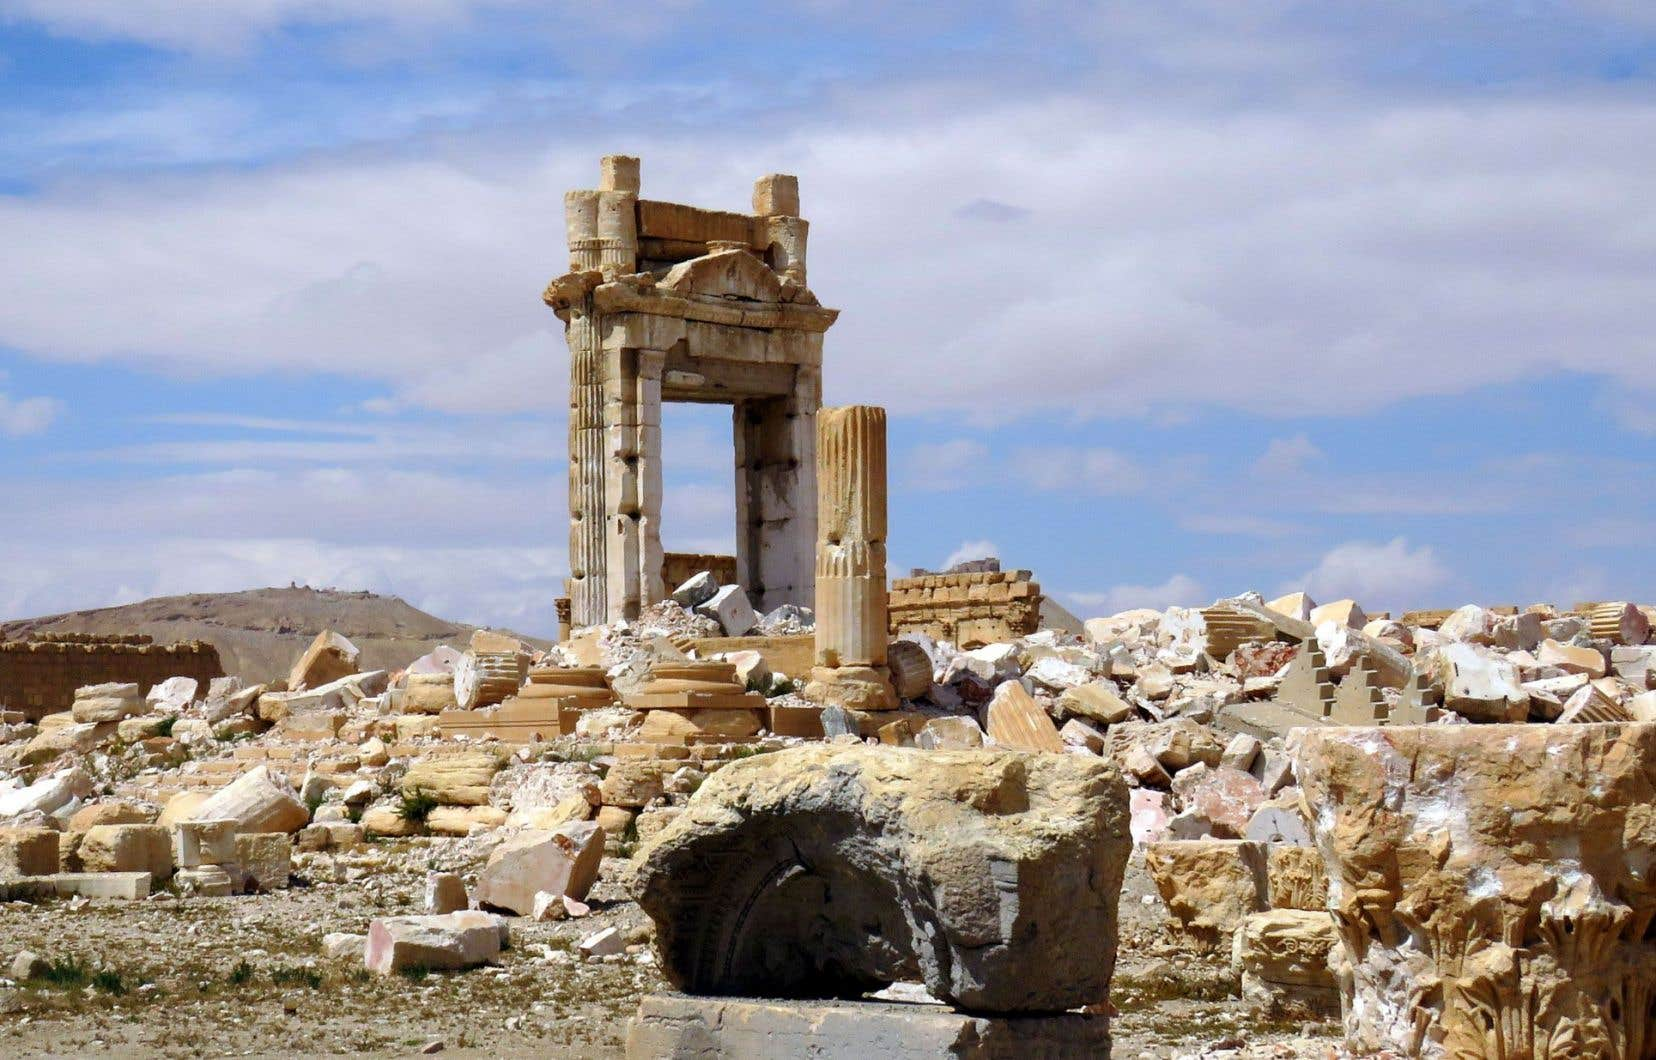 Les restes du temple de Baal, à Palmyre, que le groupe armé État islamique a détruit en partie, avant d'être expulsé de la ville tout récemment